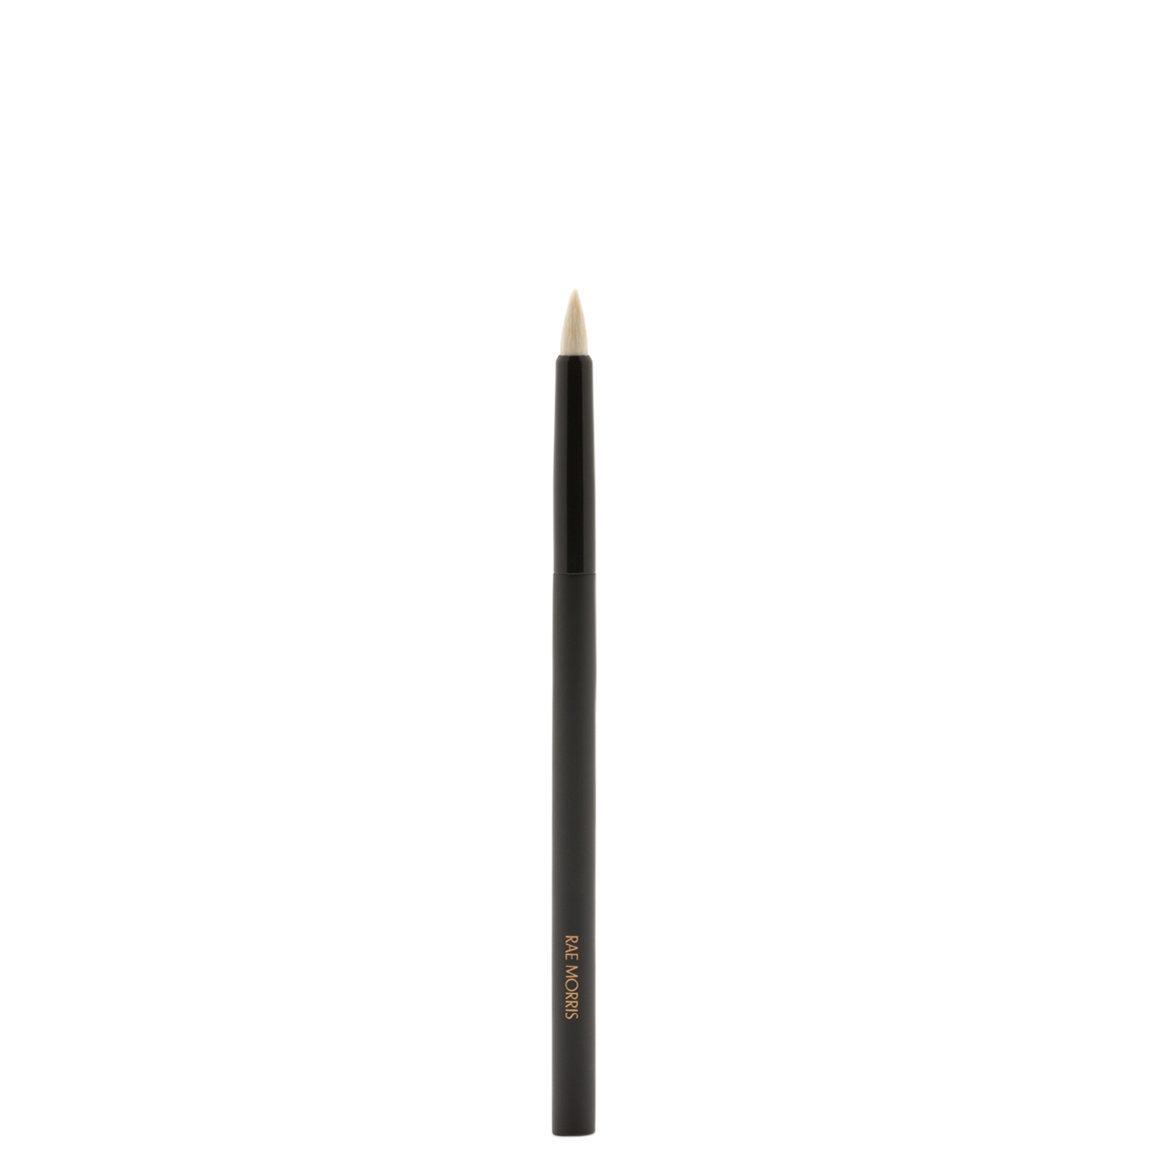 Rae Morris Jishaku Brush 7.6: Detail Crème Shader product swatch.